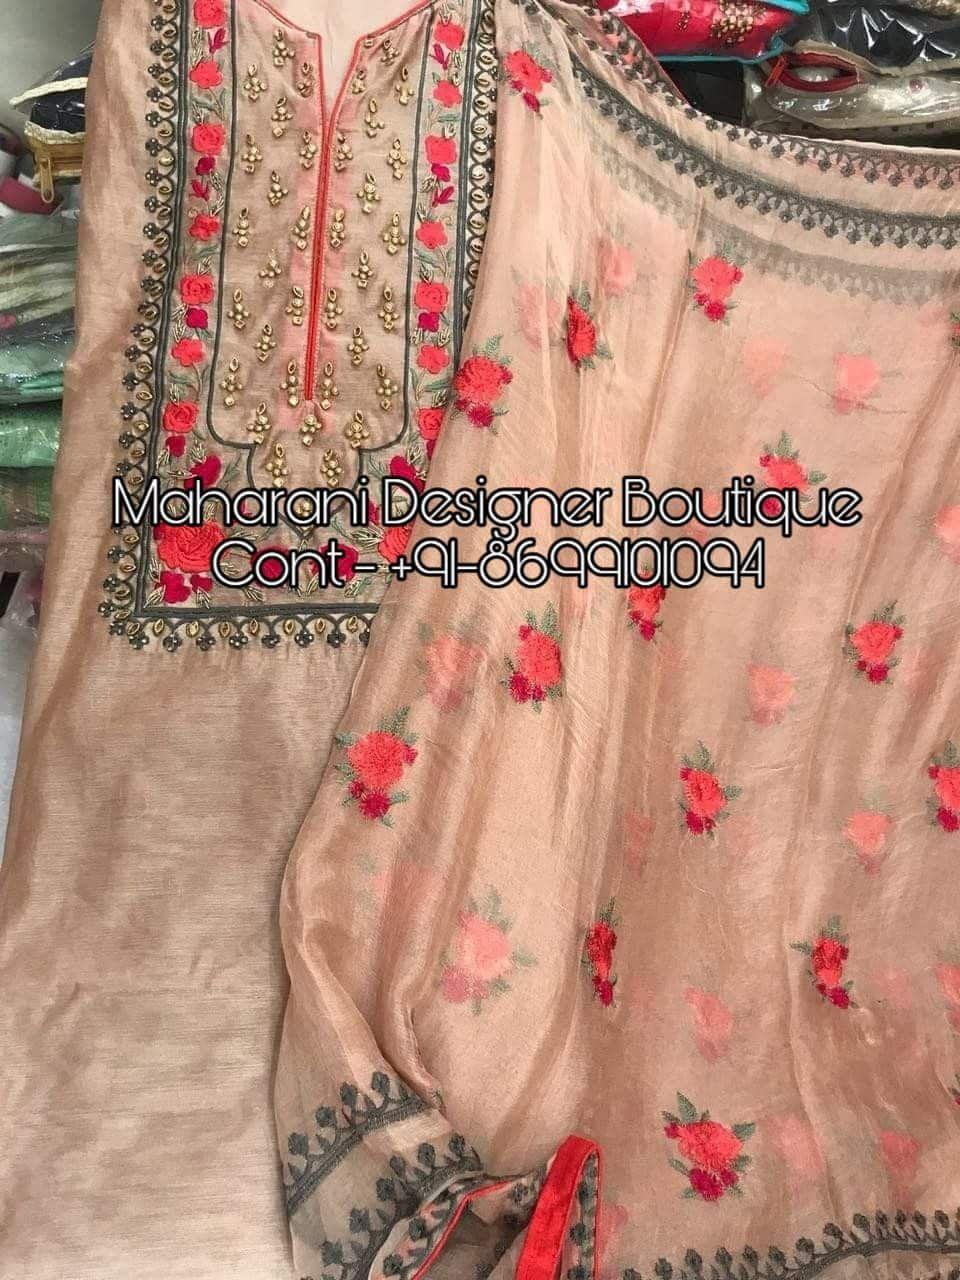 Punjabi Suits Online Boutique Salwar Suit Maharani Designer Boutique Punjabi Suits Designer Boutique Embroidery Suits Design Embroidery Suits